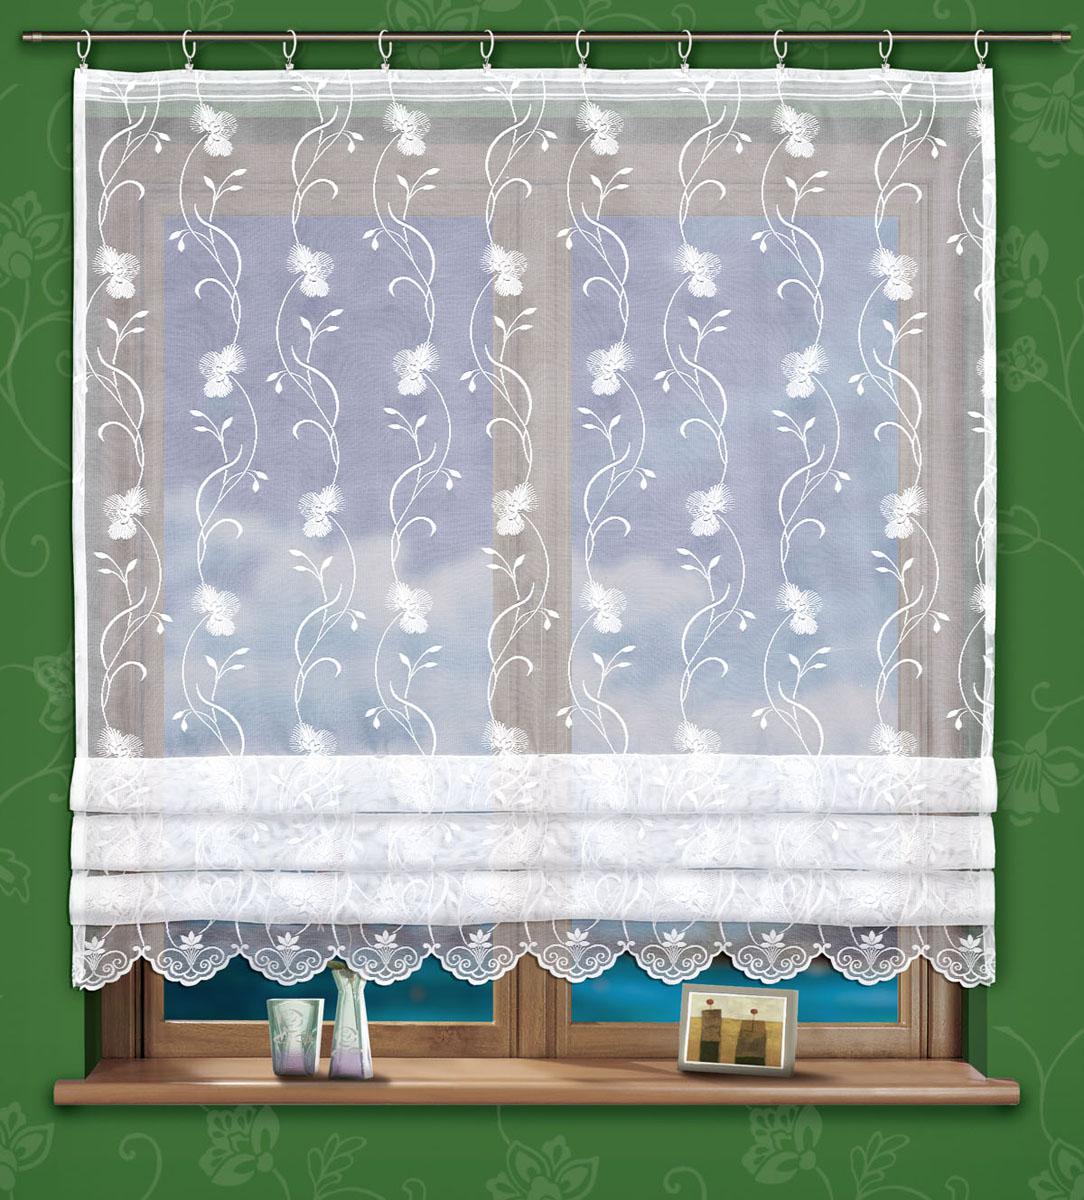 Гардина Salma, на ленте, цвет: белый, высота 150 см737840Воздушная гардина Salma, изготовленная из полиэстера белого цвета, станет украшением любого окна. Тонкое плетение и роскошный цветочный узор привлекут к себе внимание и органично впишутся в интерьер. В гардину вшита шторная лента. Характеристики:Материал: 100% полиэстер. Размер упаковки:27 см х 35 см х 3 см. Артикул: 737840.В комплект входит:Гардина - 1 шт. Размер (Ш х В): 160 см х 150 см. Фирма Wisan на польском рынке существует уже более пятидесяти лет и является одной из лучших польских фабрик по производству штор и тканей. Ассортимент фирмы представлен готовыми комплектами штор для гостиной, детской, кухни, а также текстилем для кухни (скатерти, салфетки, дорожки, кухонные занавески). Модельный ряд отличает оригинальный дизайн, высокое качество. Ассортимент продукции постоянно пополняется.